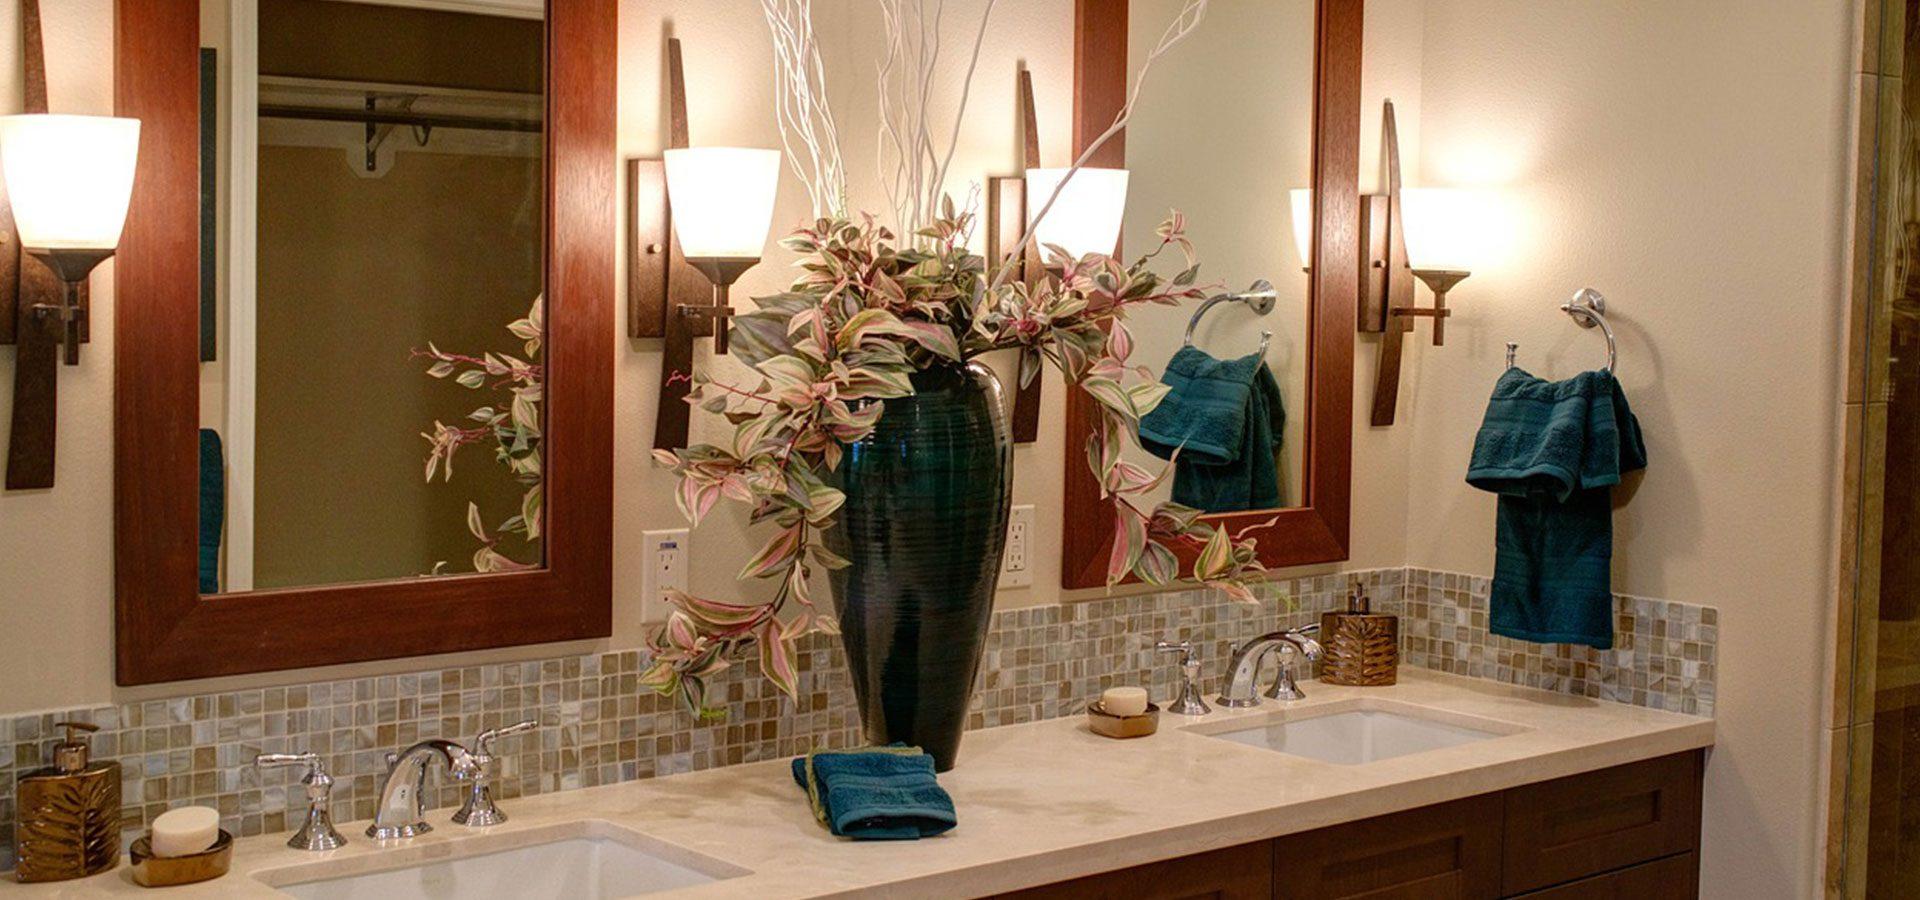 1920x900 bathroom